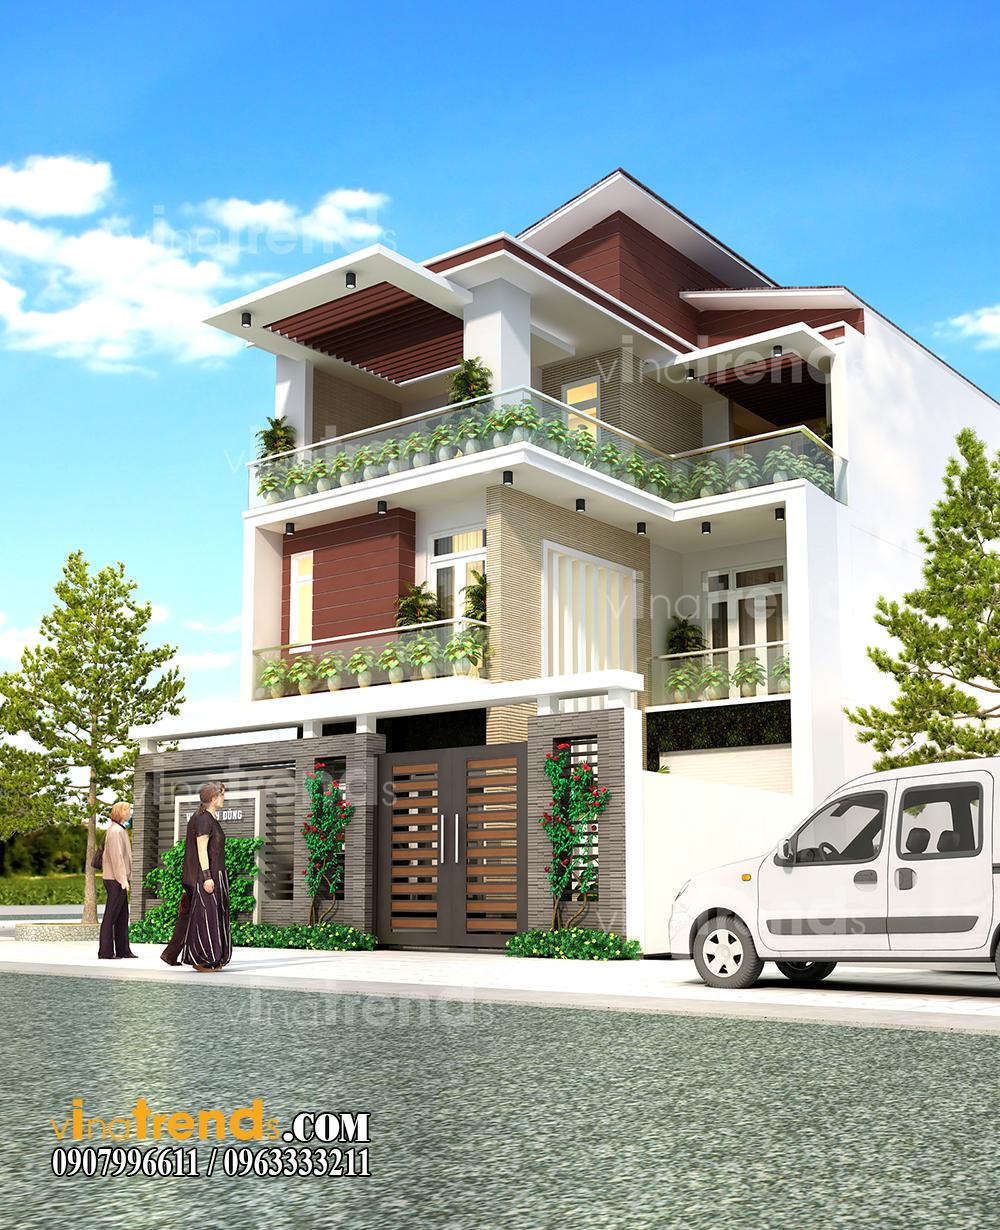 mau biet thu hien dai dep 2 tang 1 tret 9x16m anh Dung Thu Duc 1 12 bản thiết kế mẫu biệt thự hiện đại 2 3 4 tầng tặng độc giả thiết kế thi công năm 2017